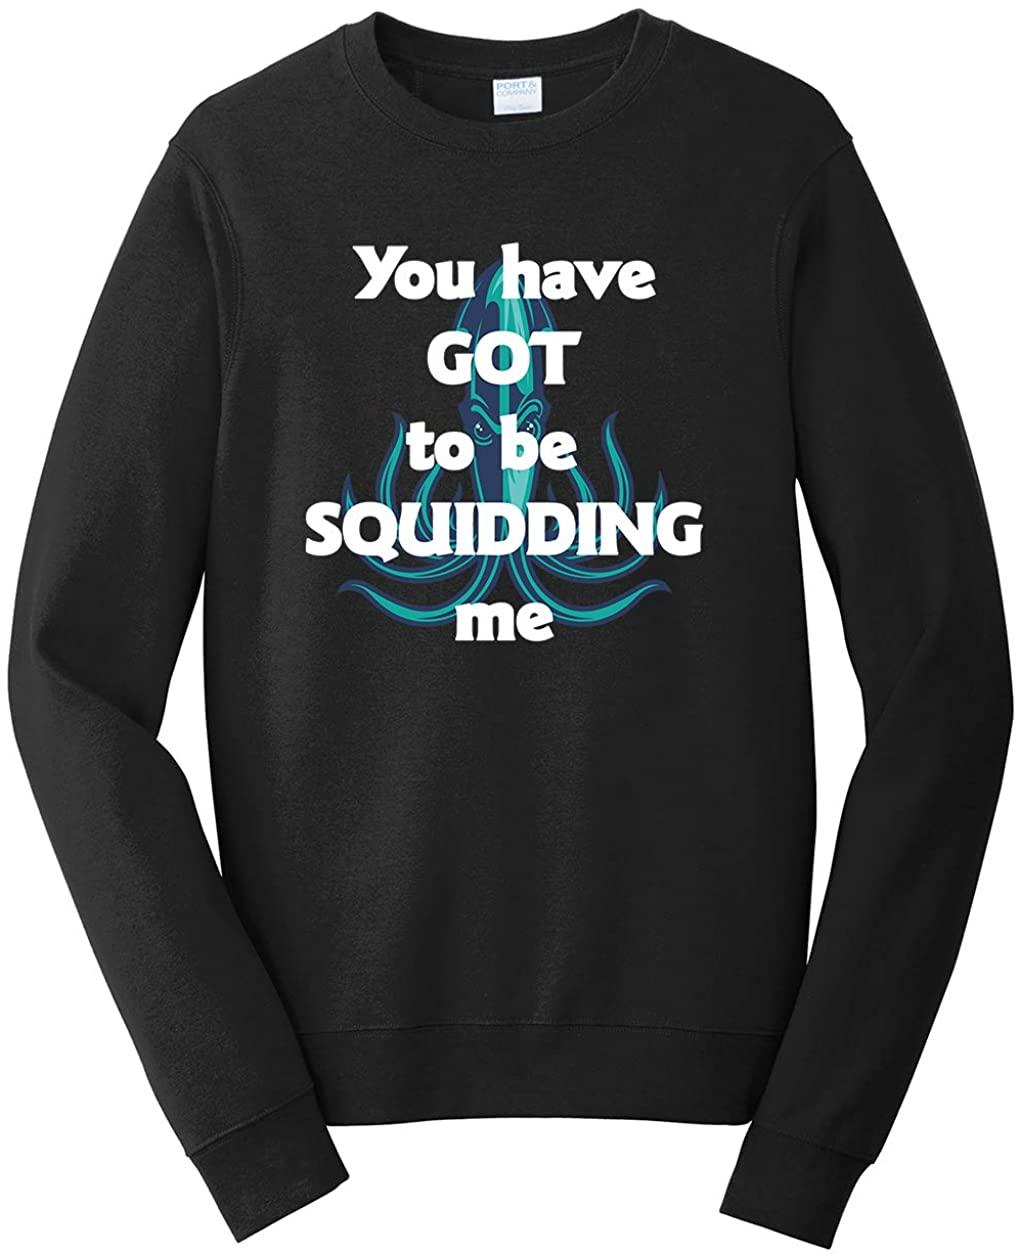 Tenacitee Men's You've Got to be Squidding Me Sweatshirt